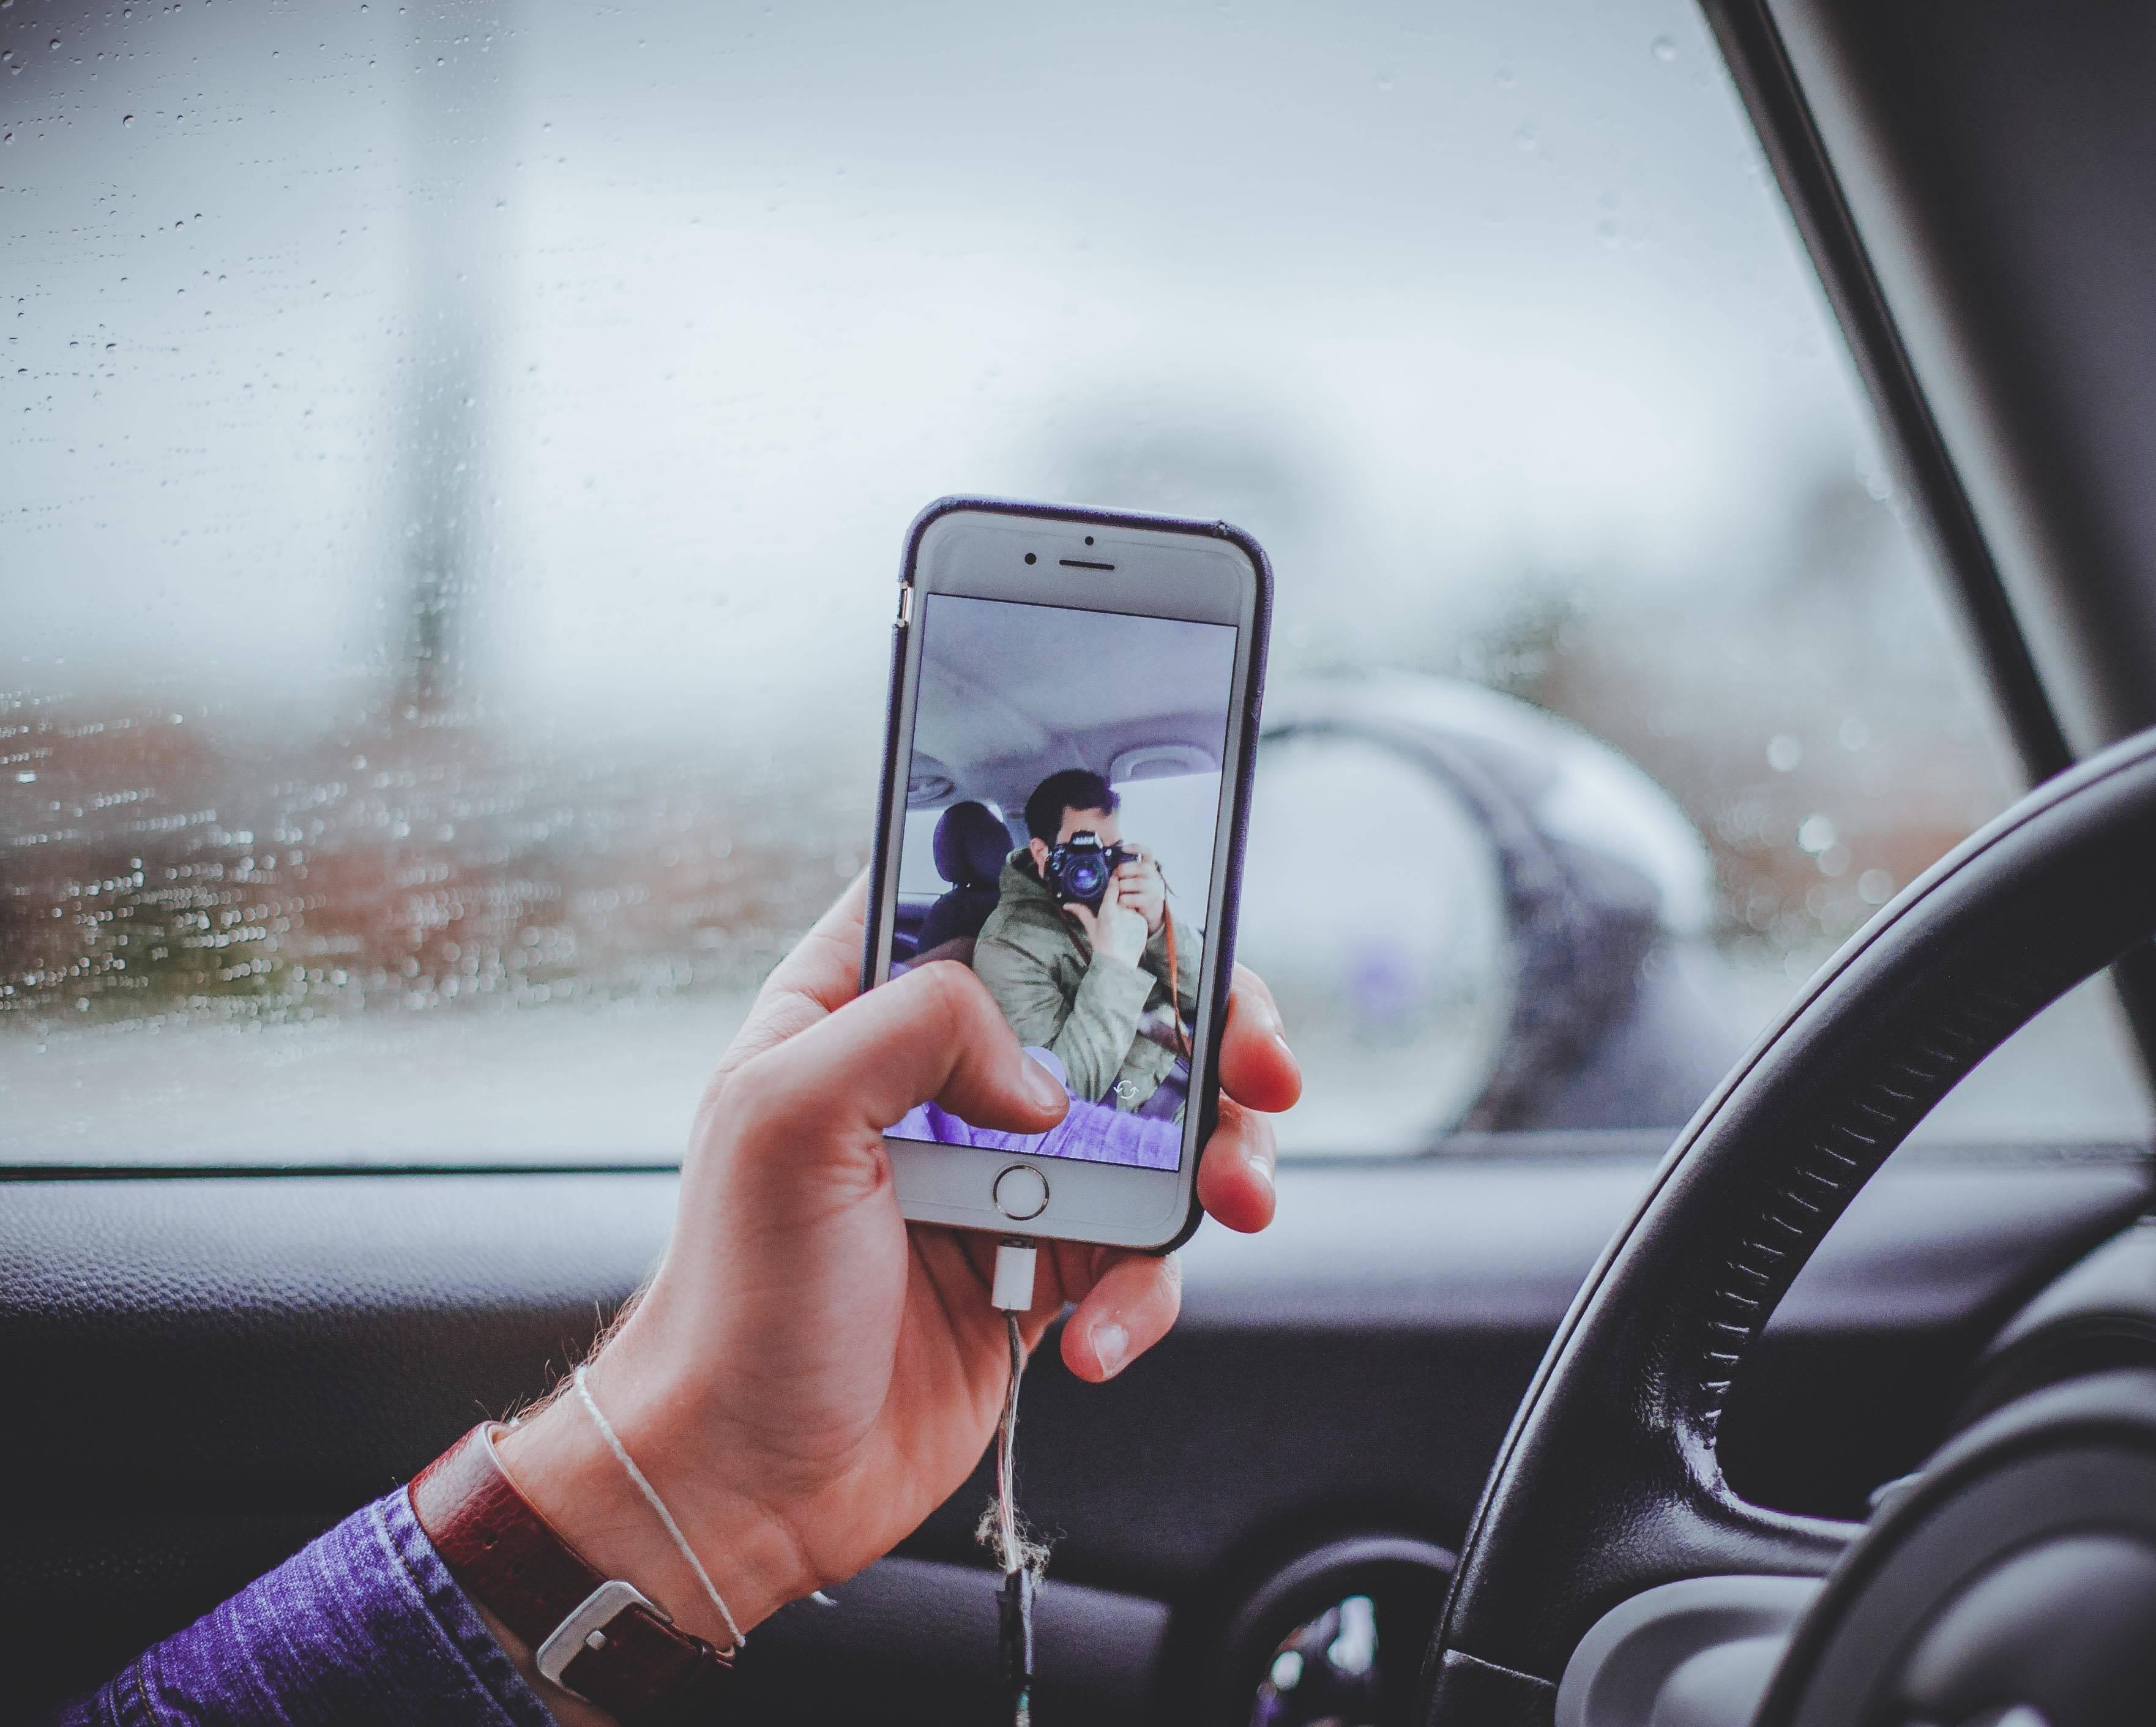 mobile video platform